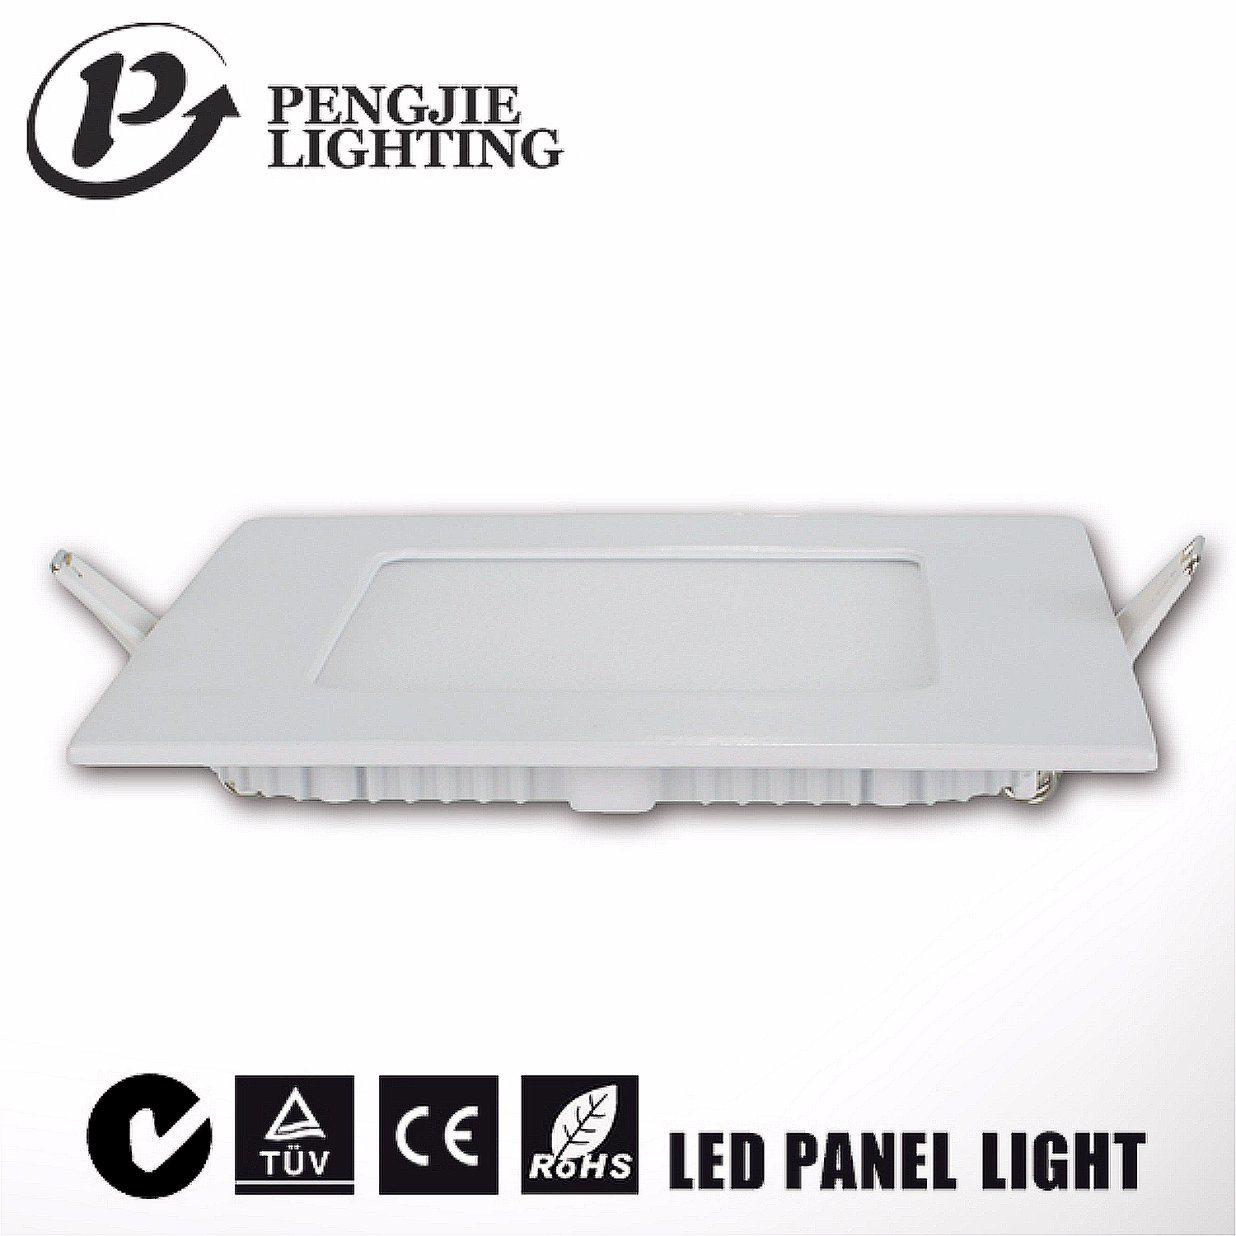 12W White LED Ceiling Panel Light for Home (PJ4029)